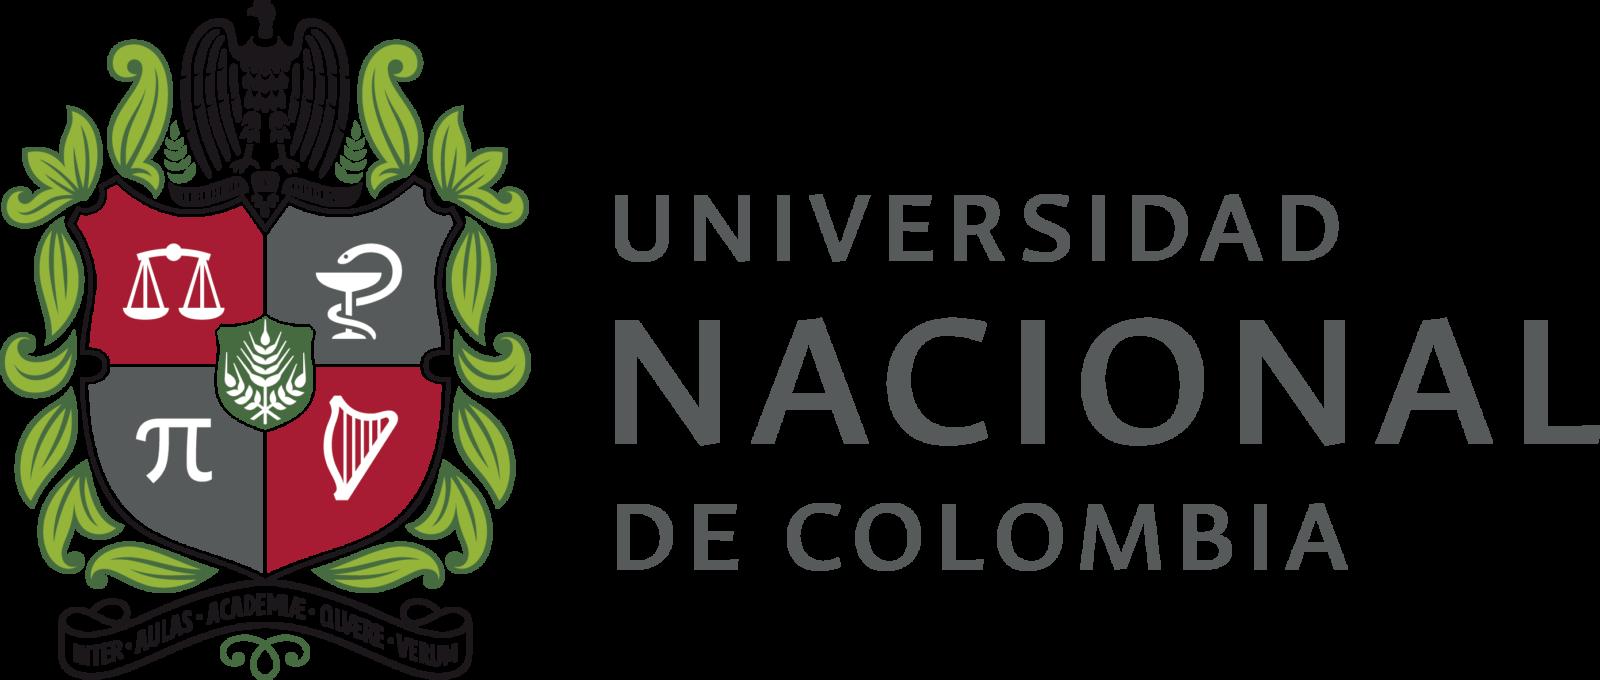 LOGOSIMBOLO-A-COLOR-LATERAL-unal-Colombia-1600x680